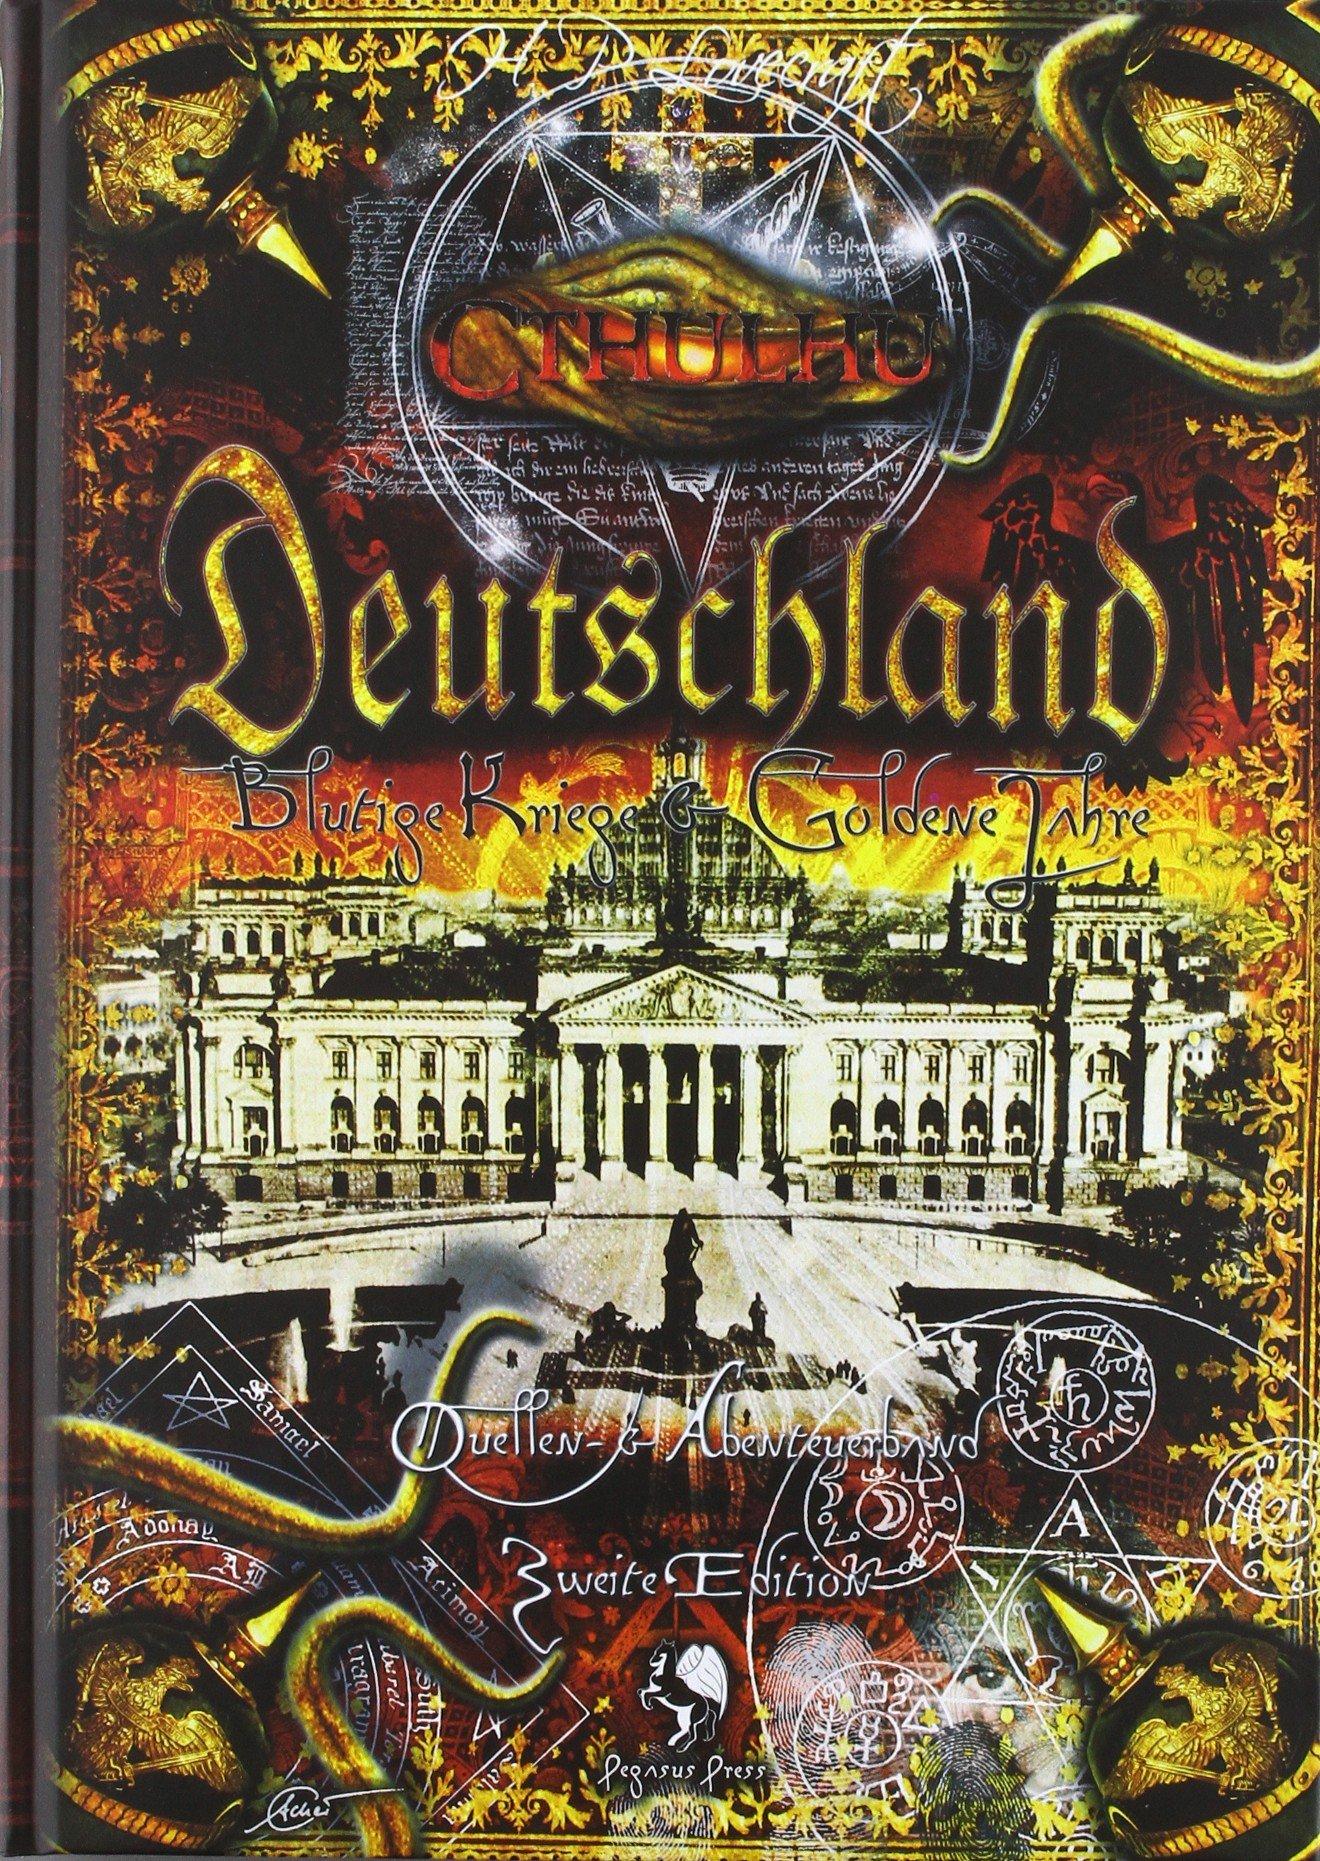 Deutschland – Blutige Kriege & goldene Jahre